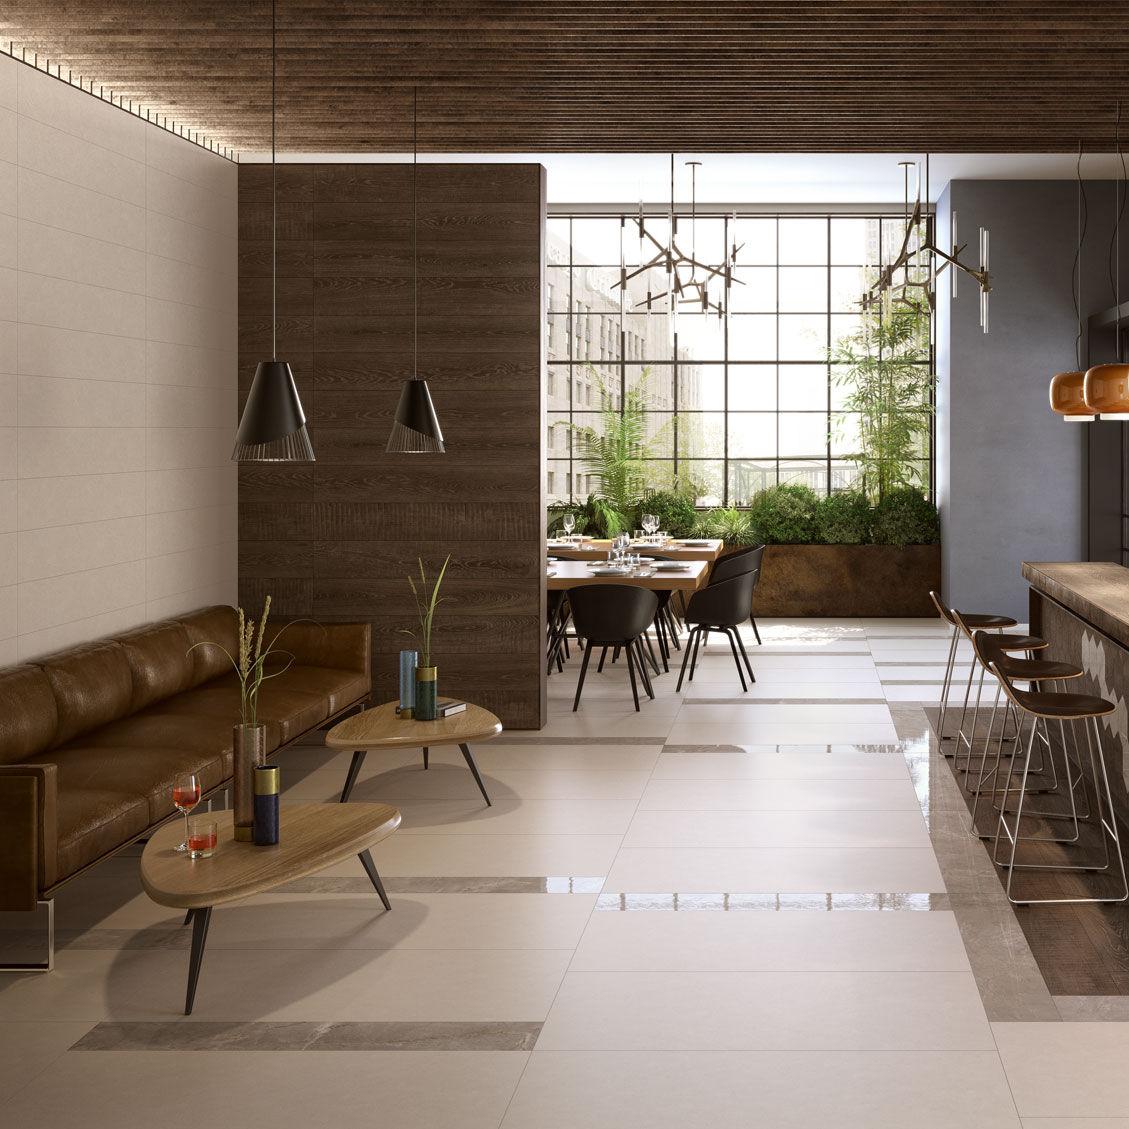 Innenraum Fliesen / Wand / Für Fußböden / Feinsteinzeug   ELEMENTS DESIGN :  BEIGE